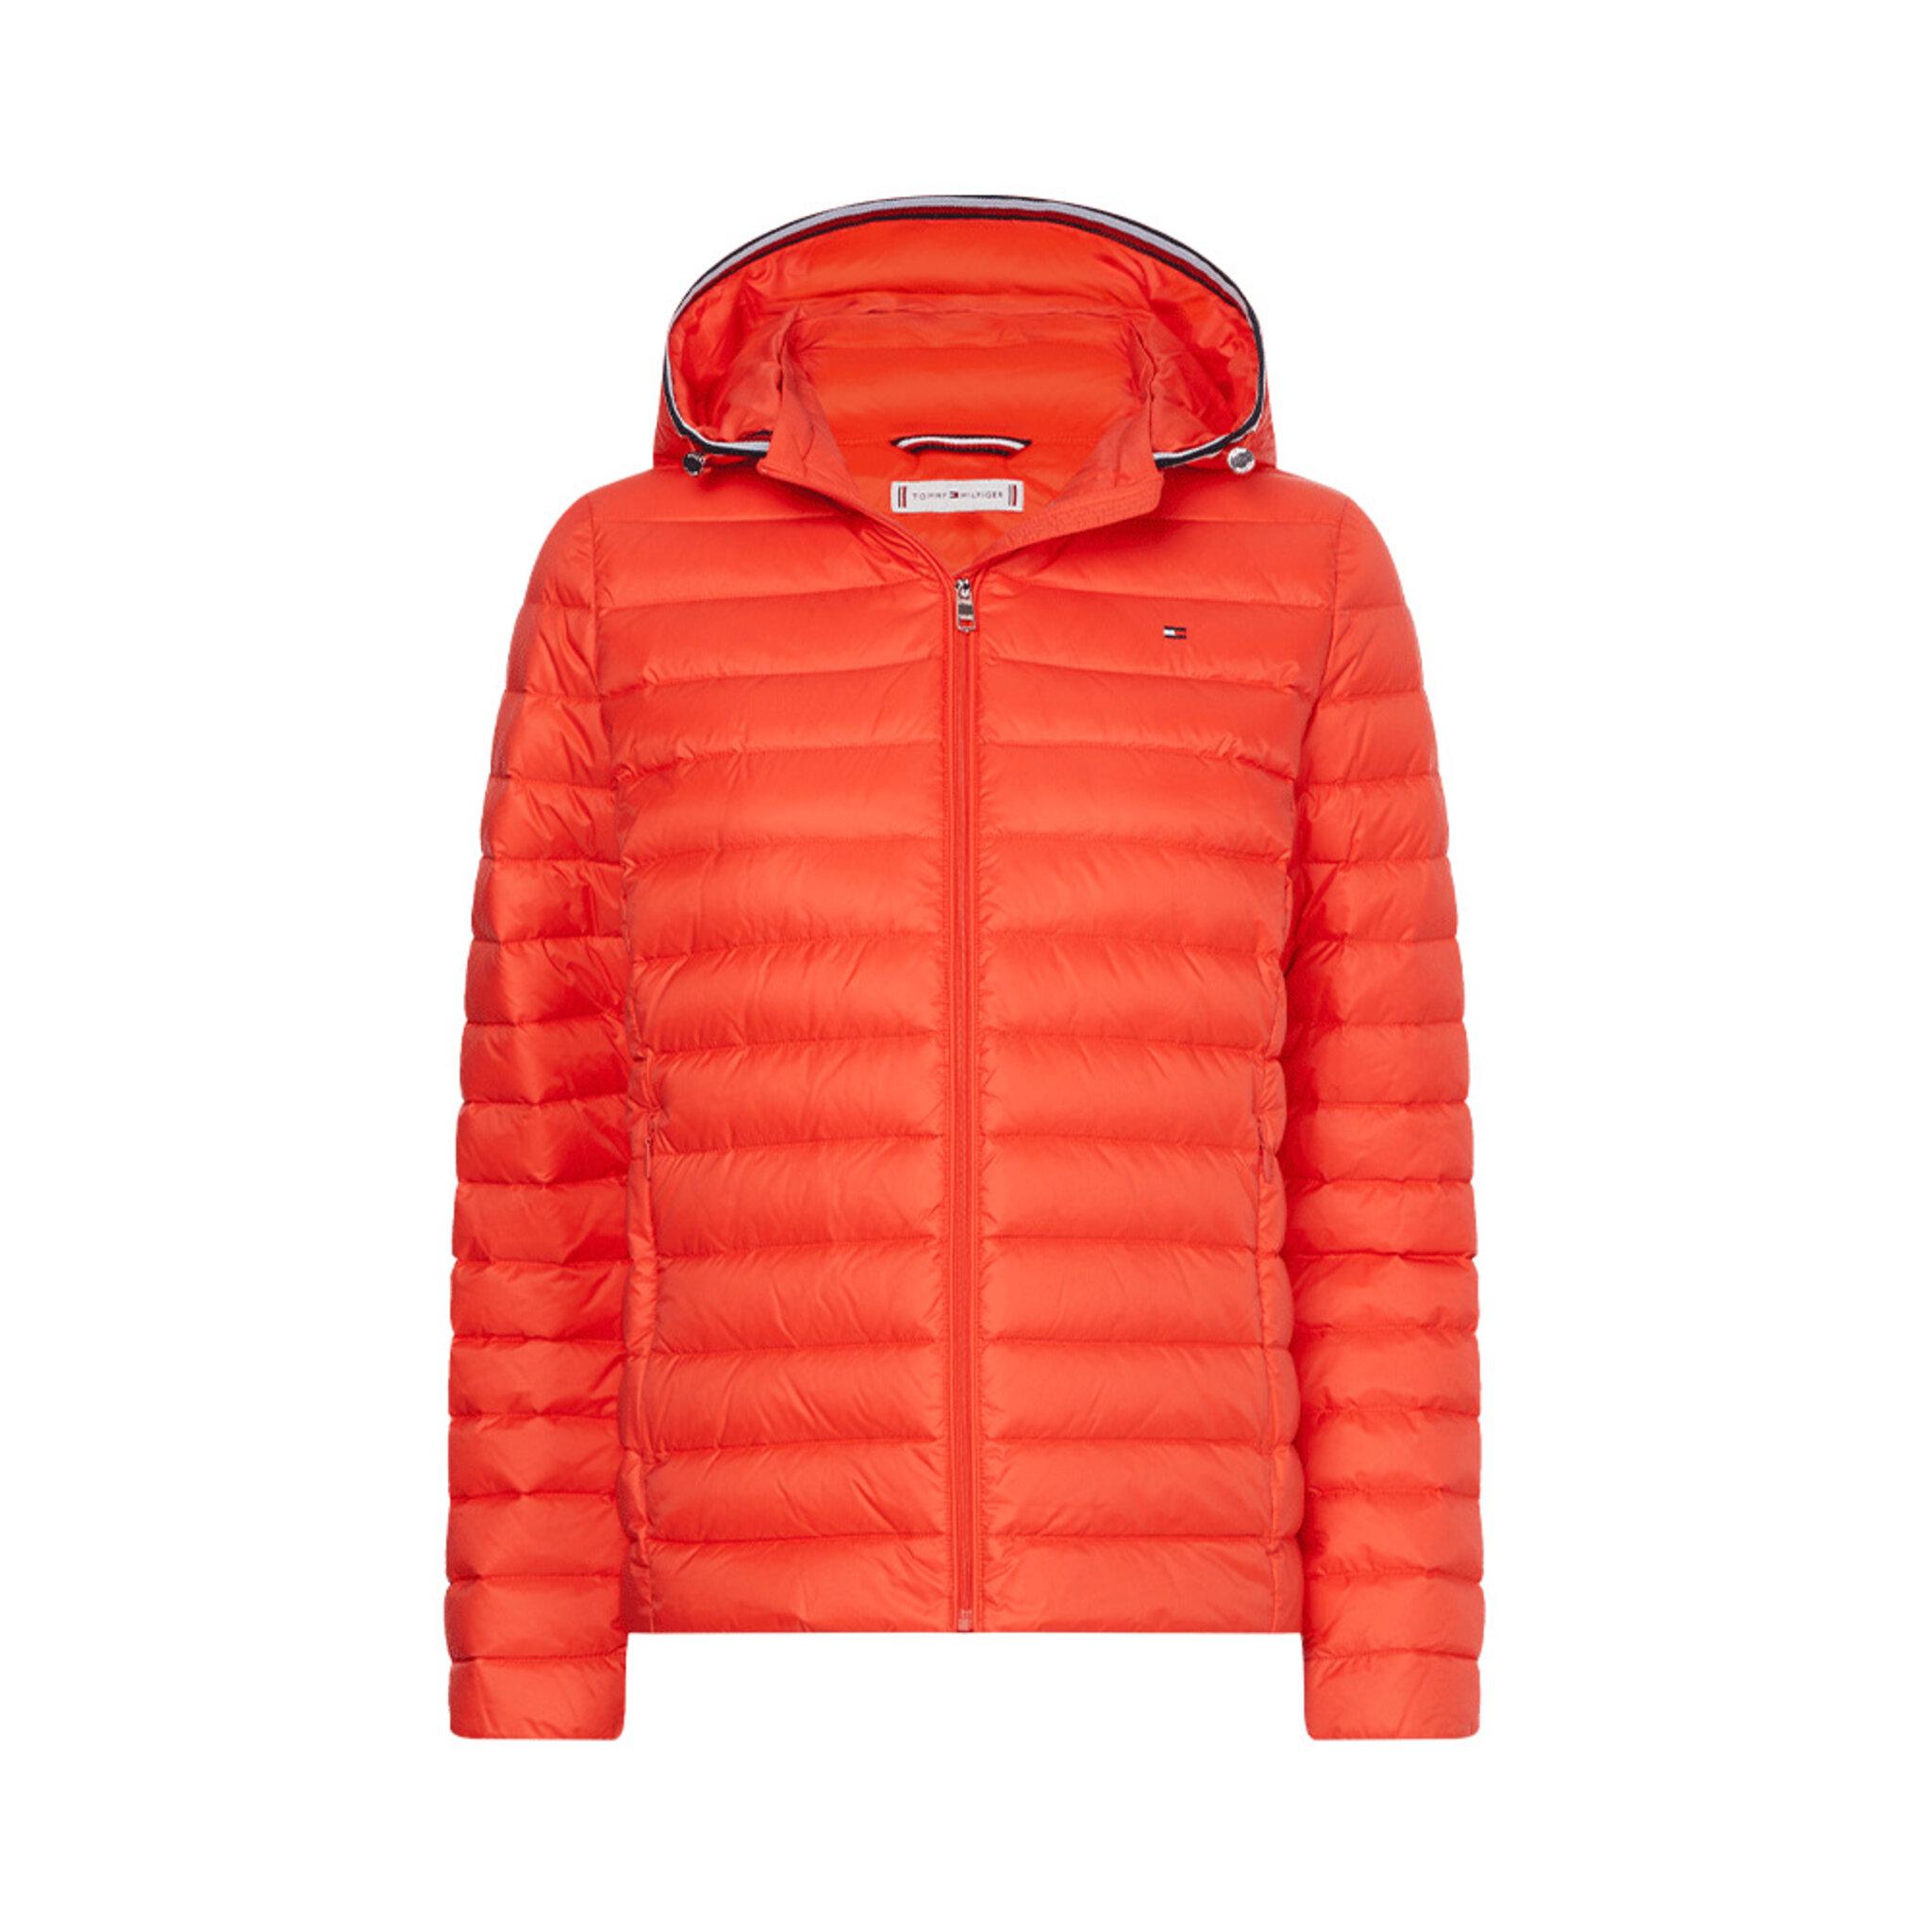 Th Ess Lw Down Jacket